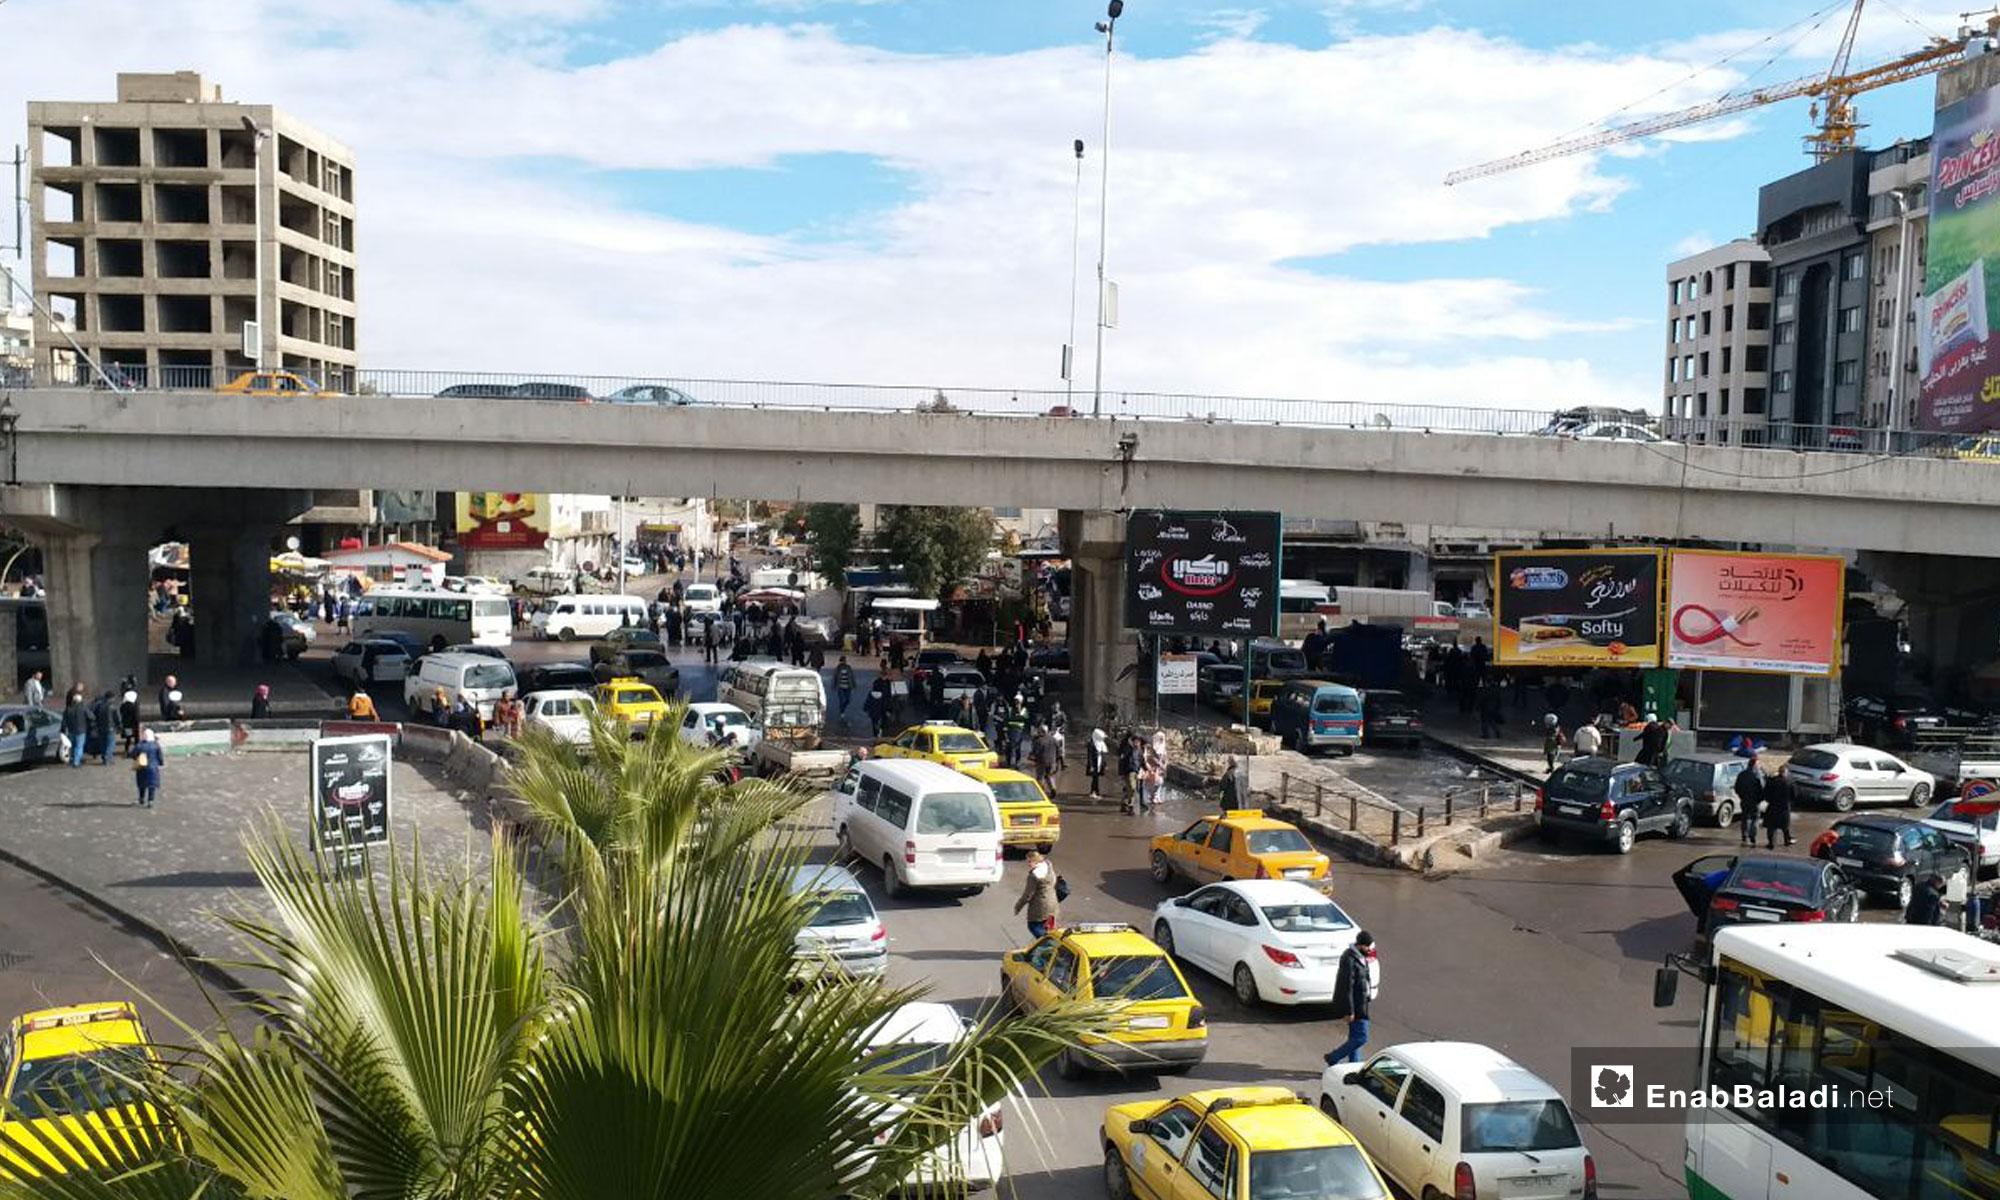 جسر فكتوريا وسط العاصمة دمشق - 14 من كانون الثاني 2019 (عنب بلدي)